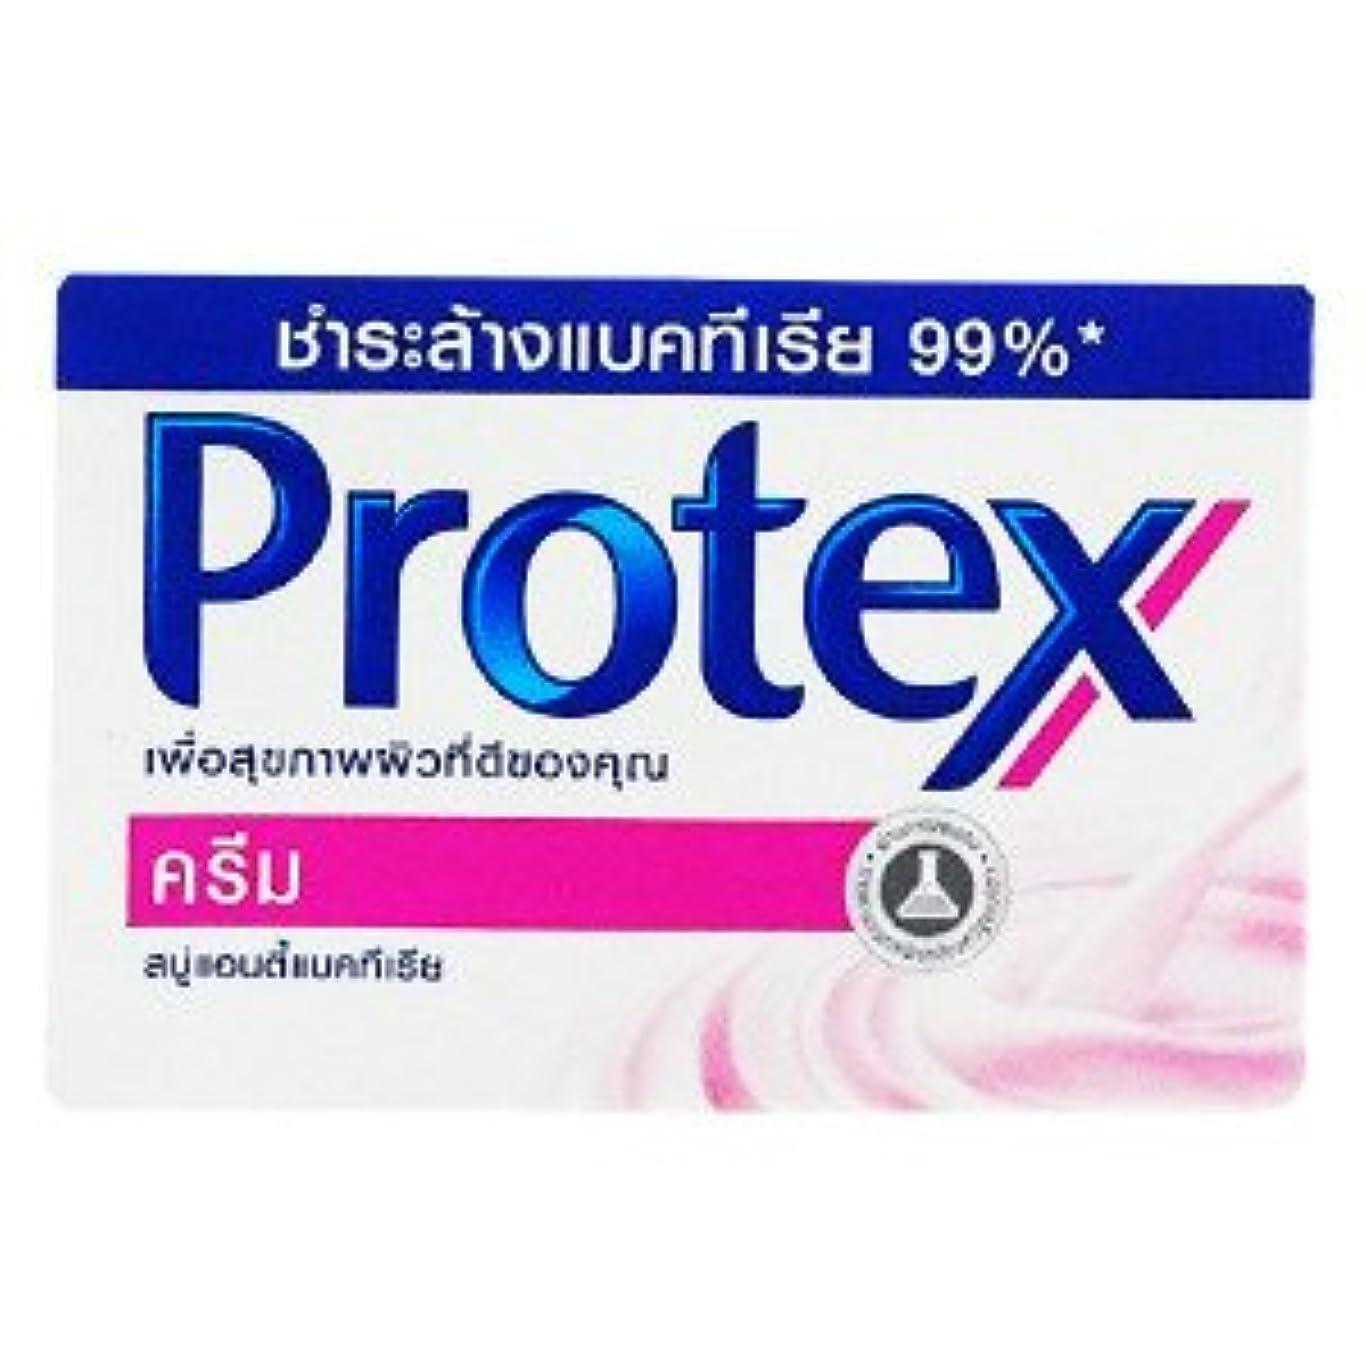 形薬用によるとプロテックス バーソープ クリーム 70g